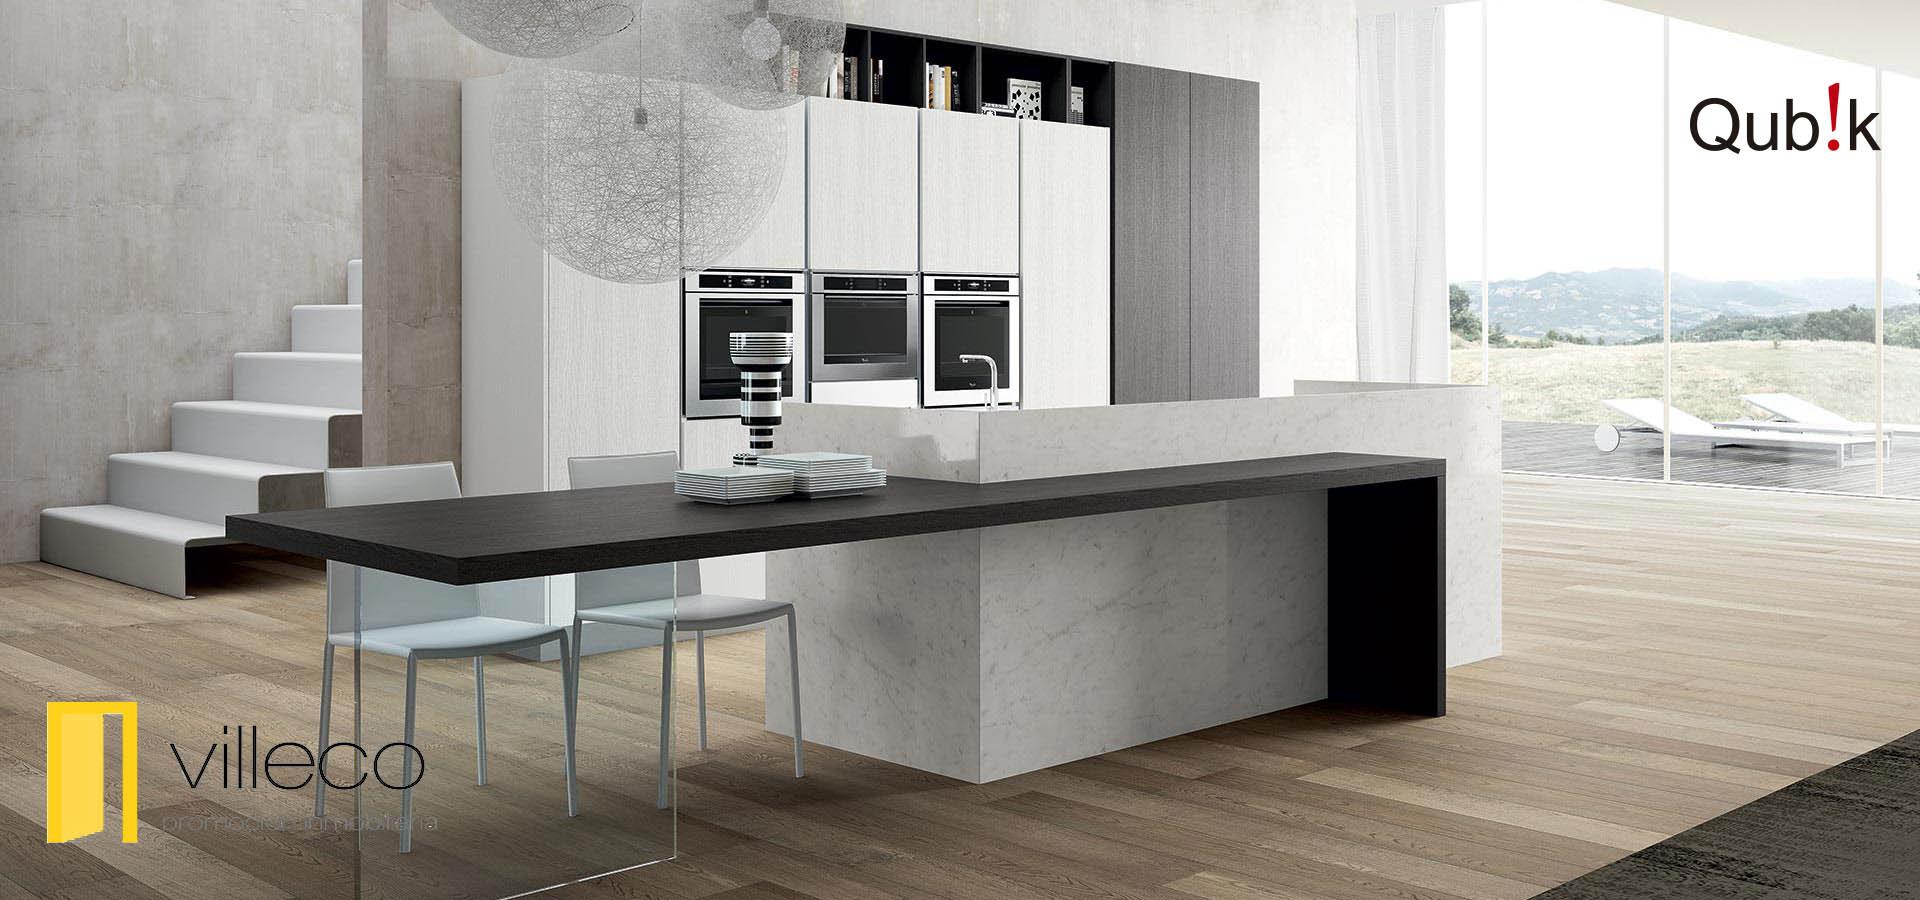 Interiorismo villeco promociones inmobiliarias for Cocinas italianas 2017